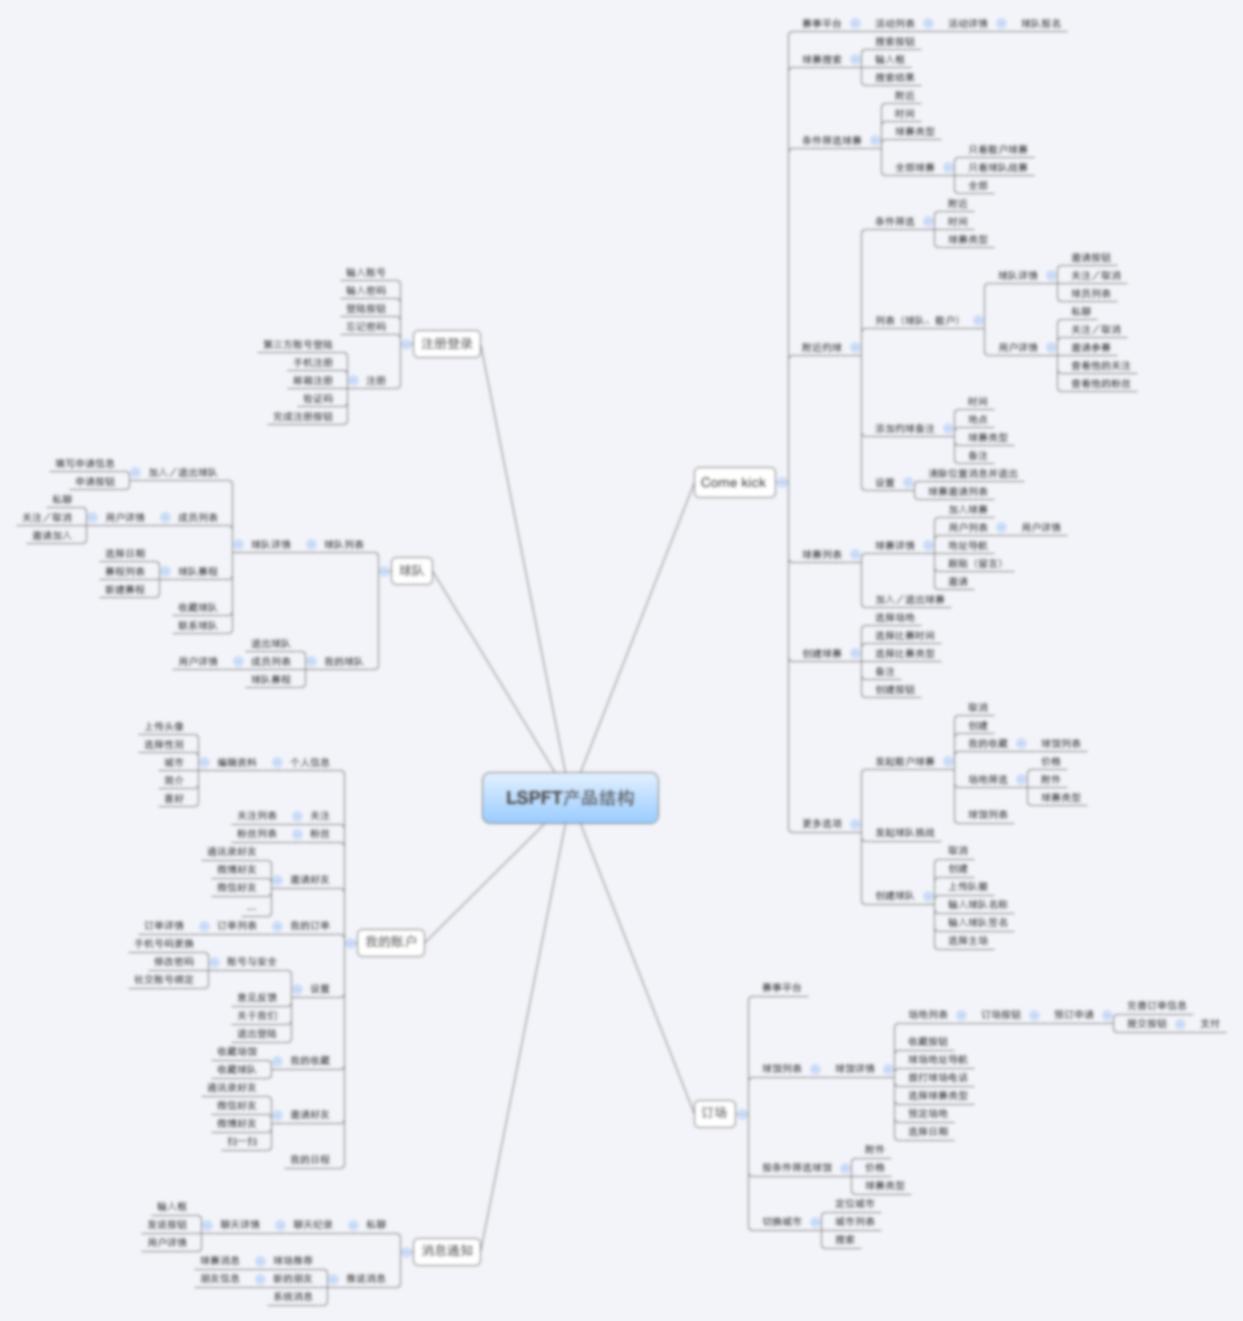 规划的产品结构图 稍微做了一点模糊处理